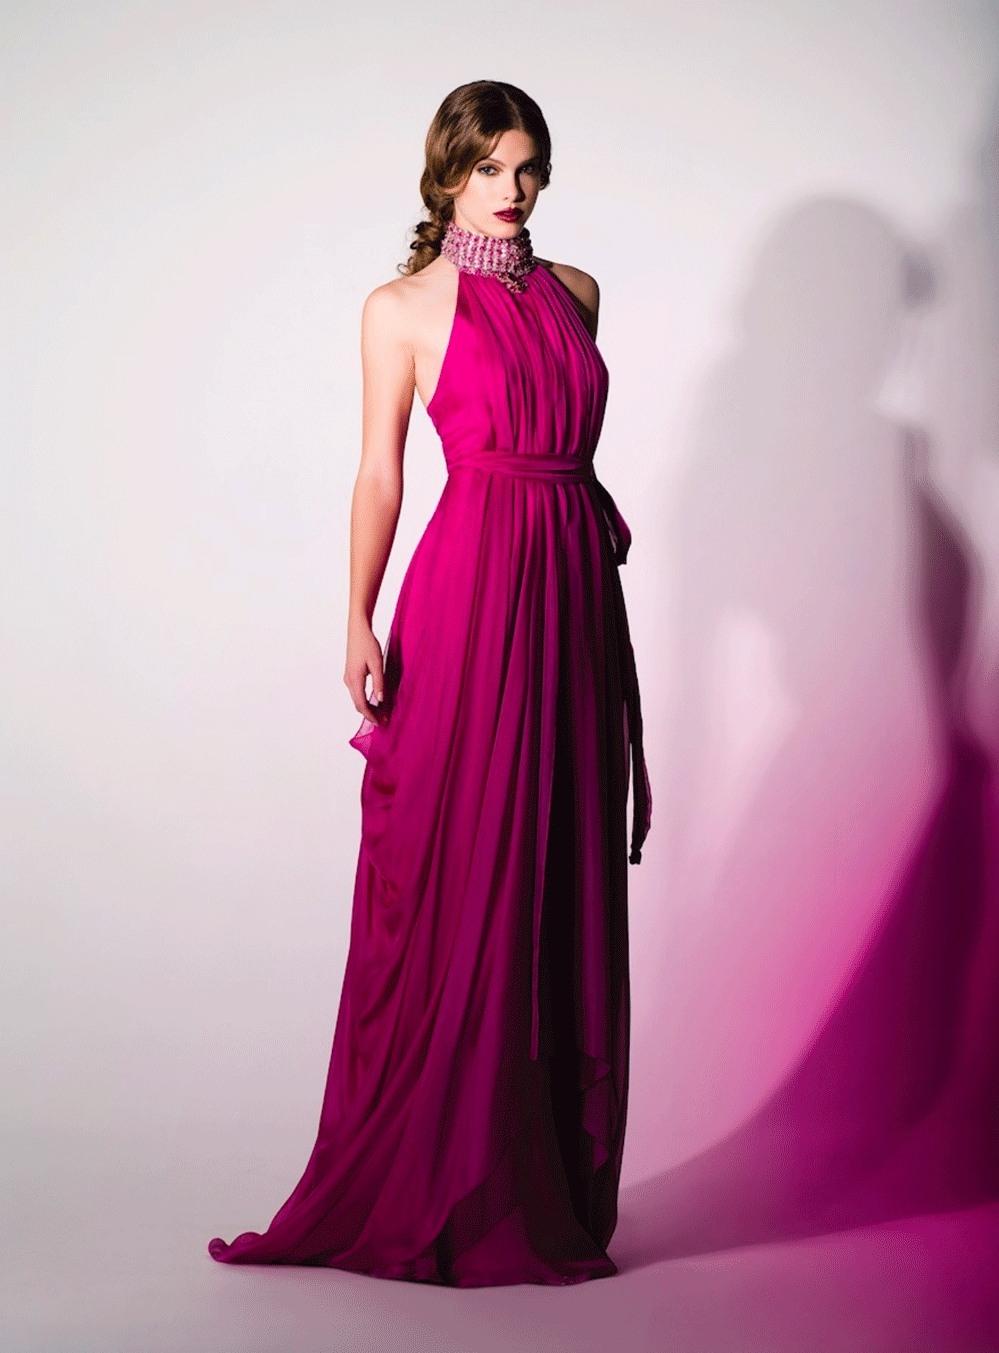 13 Luxus Abendkleider Mannheim Design20 Schön Abendkleider Mannheim Ärmel